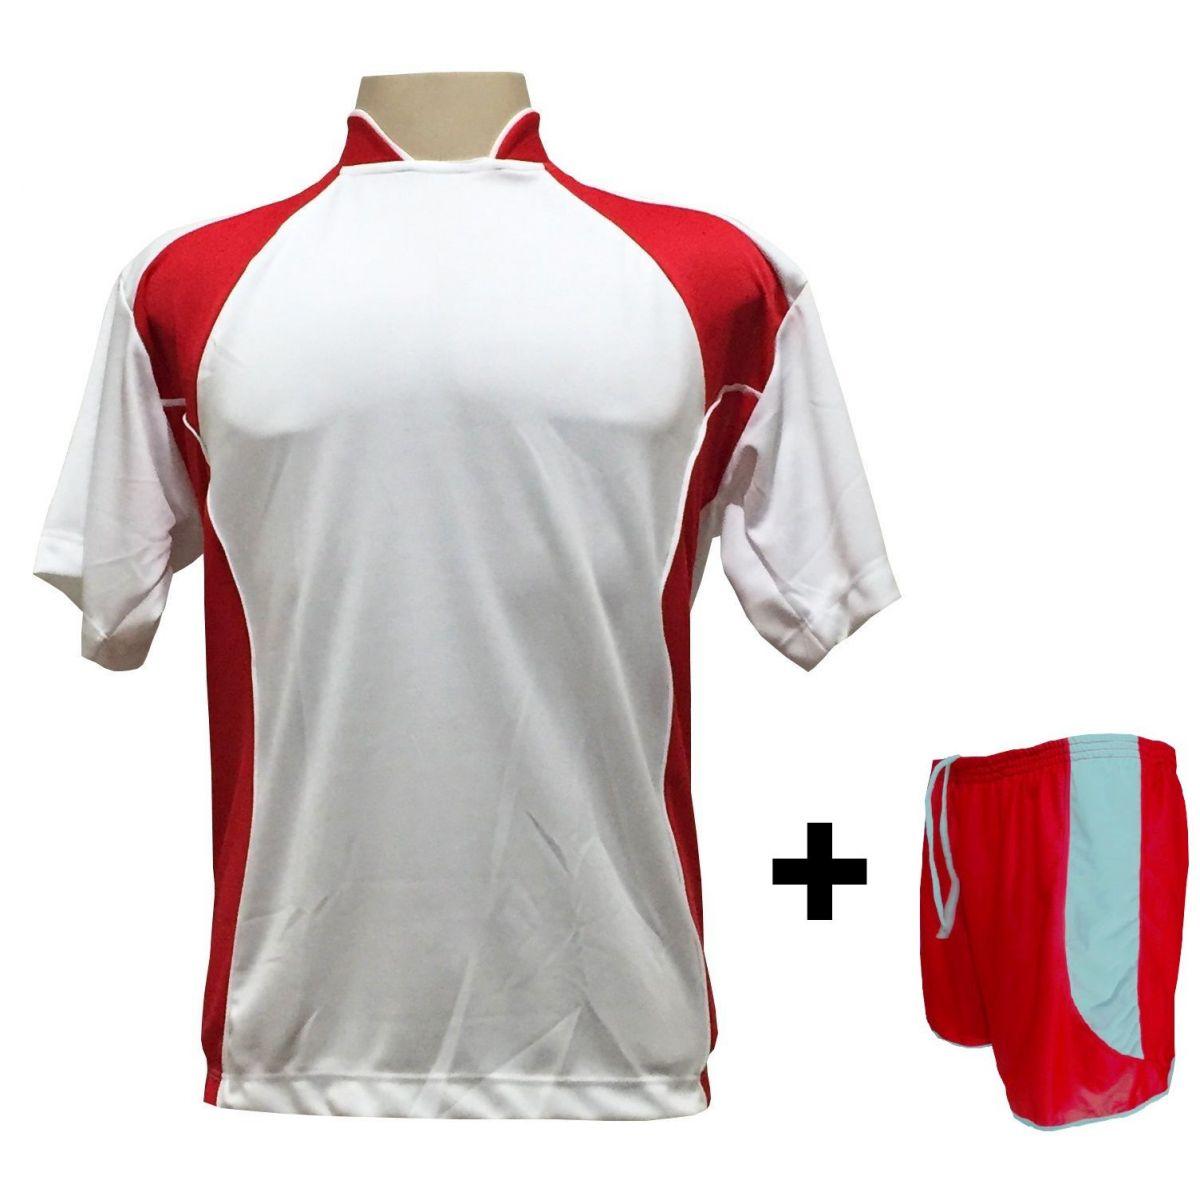 Uniforme Esportivo com 14 camisas modelo Suécia Branco/Vermelho + 14 calções modelo Copa Vermelho/Branco + Brindes